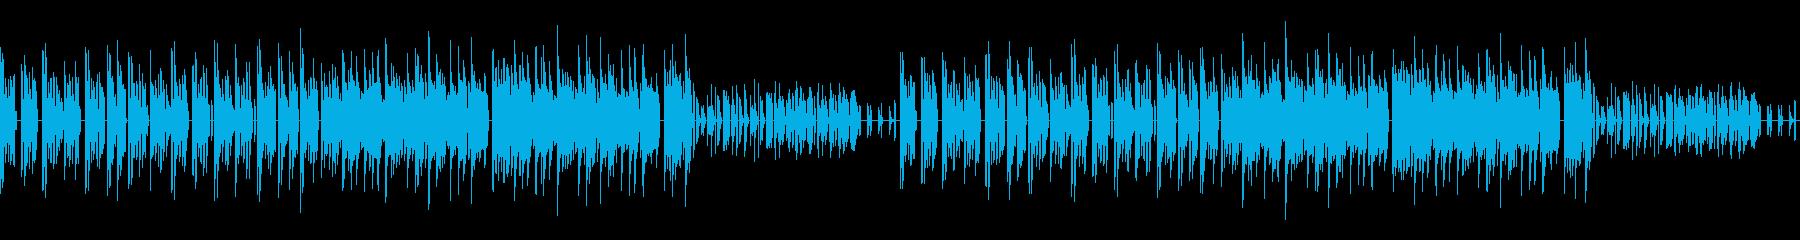 RPG・遺跡BGMの再生済みの波形